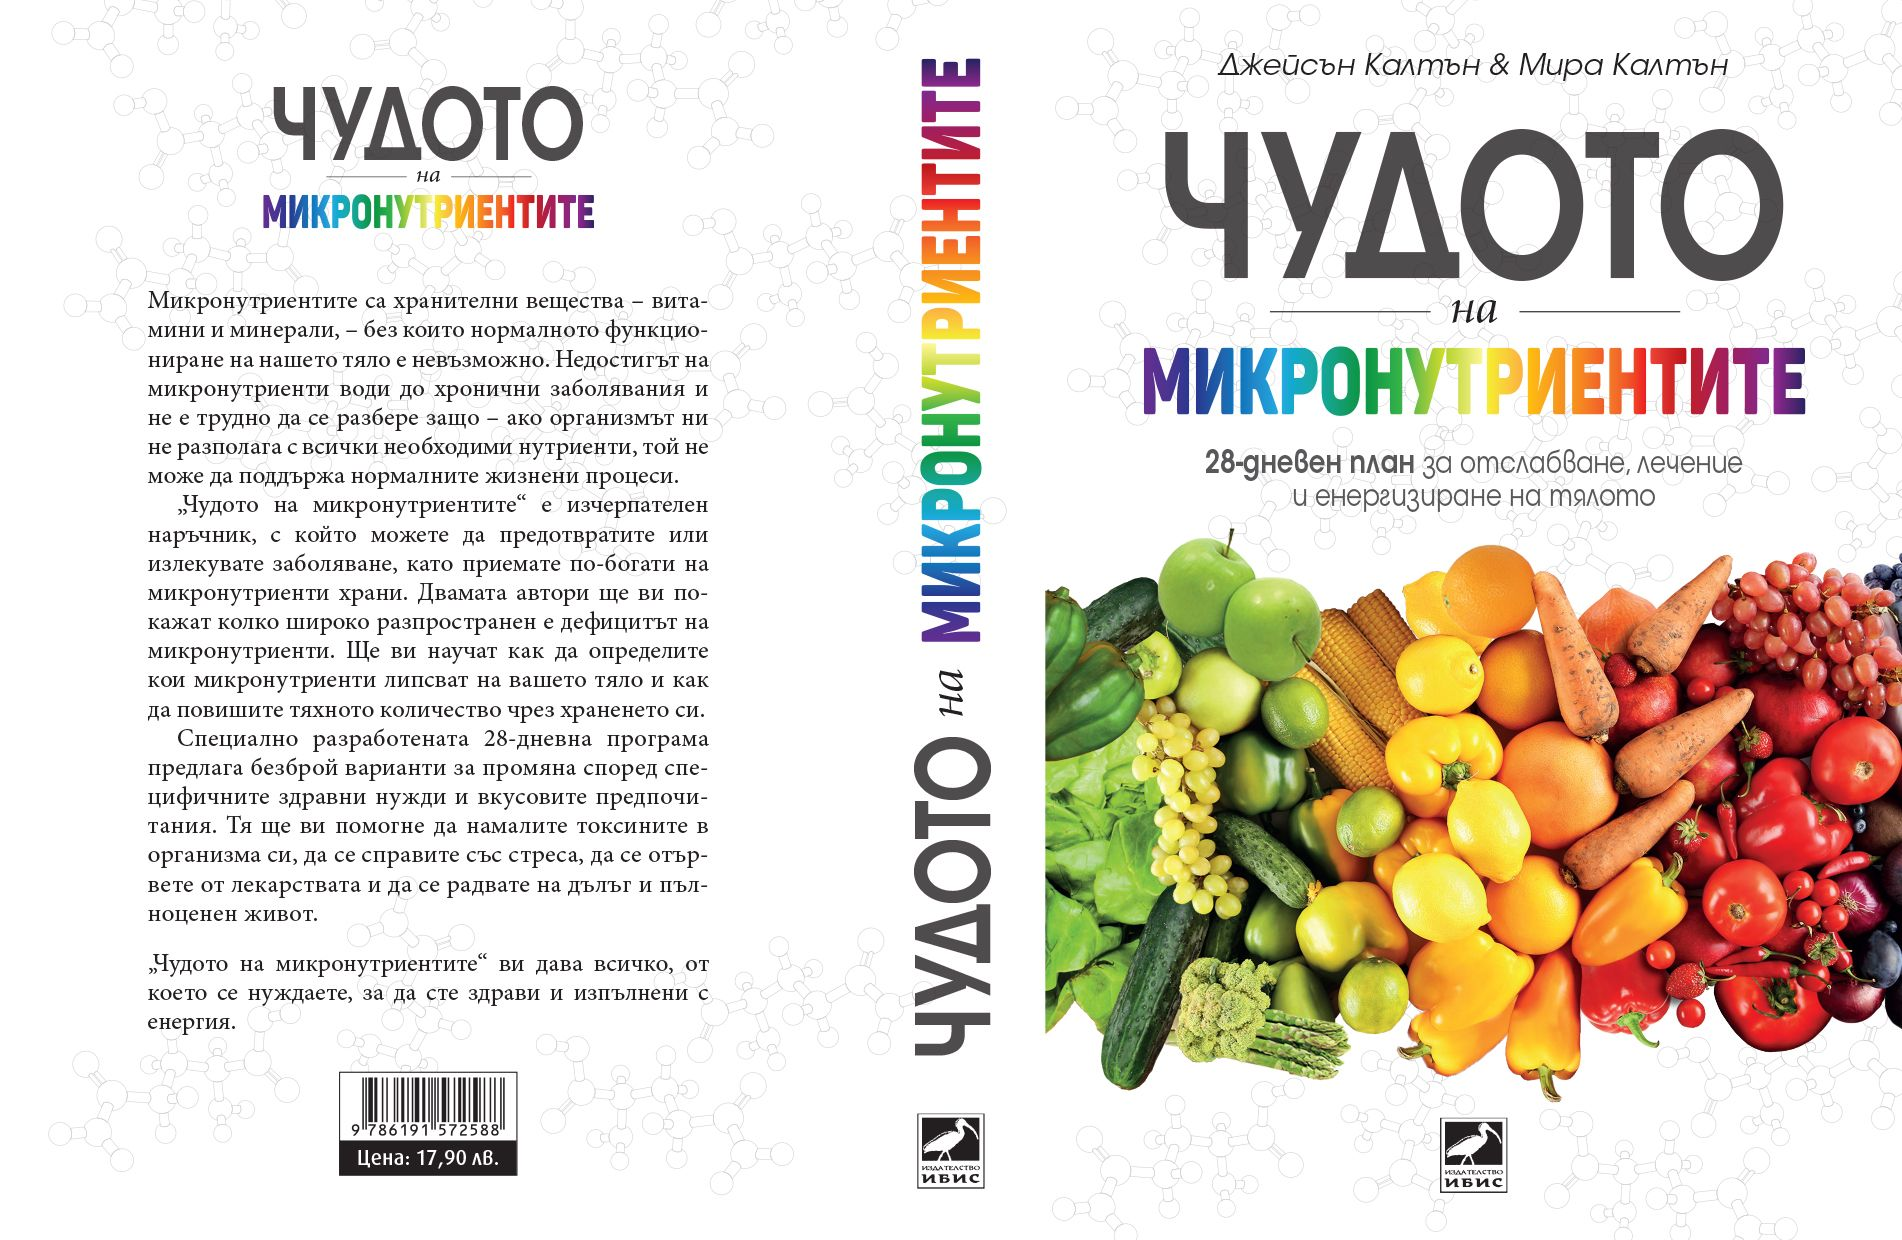 chudoto-na-mikronutrientite - 2